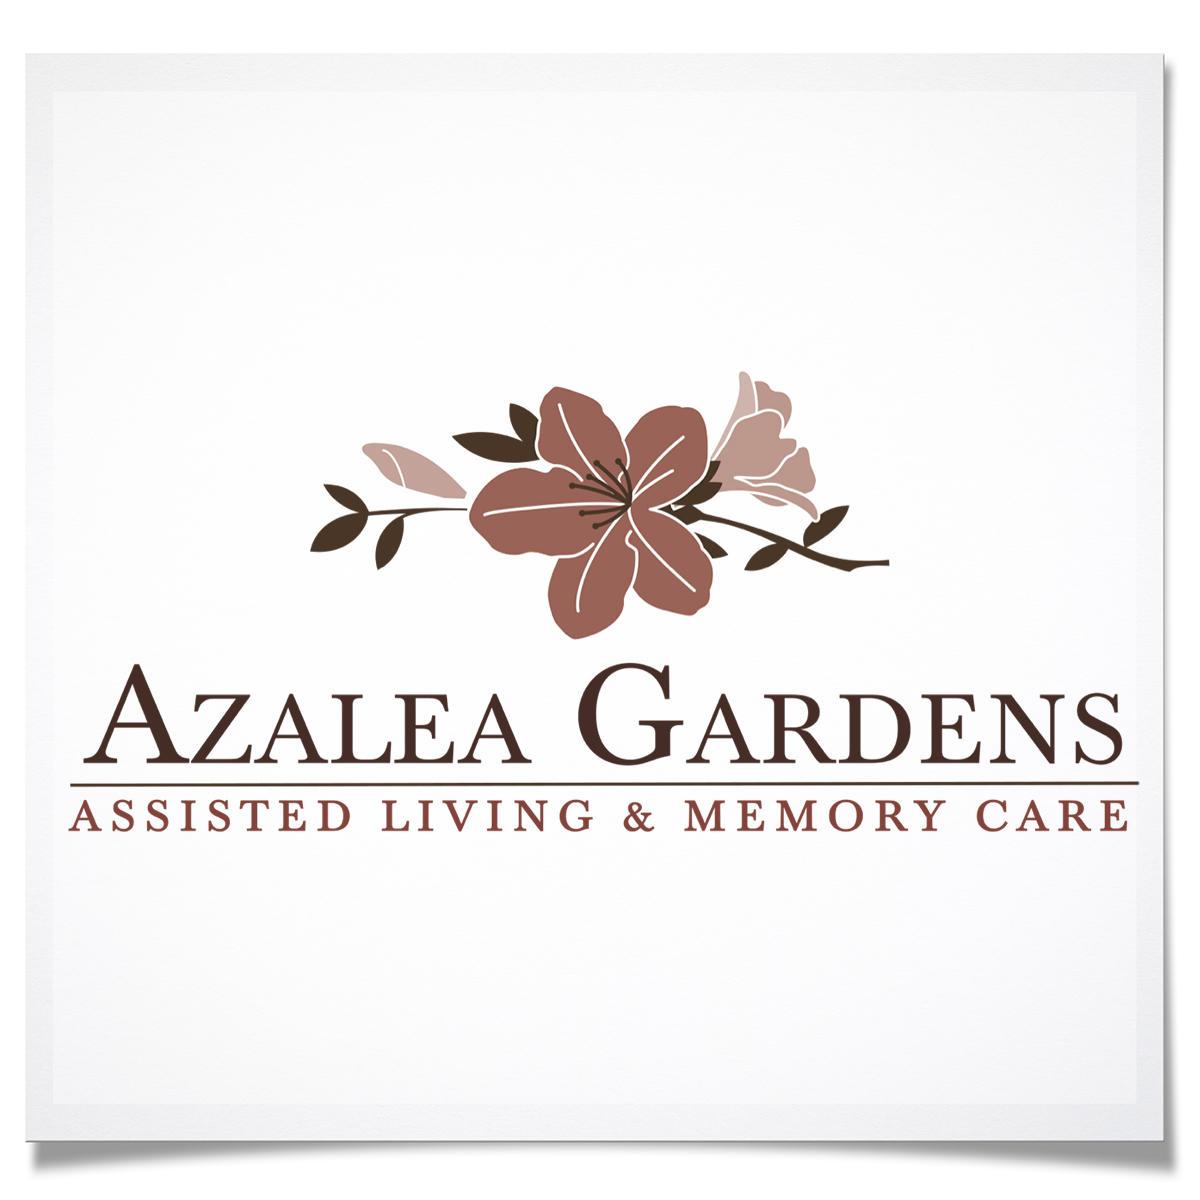 Azalea Gardens Assisted Living & Memory Care